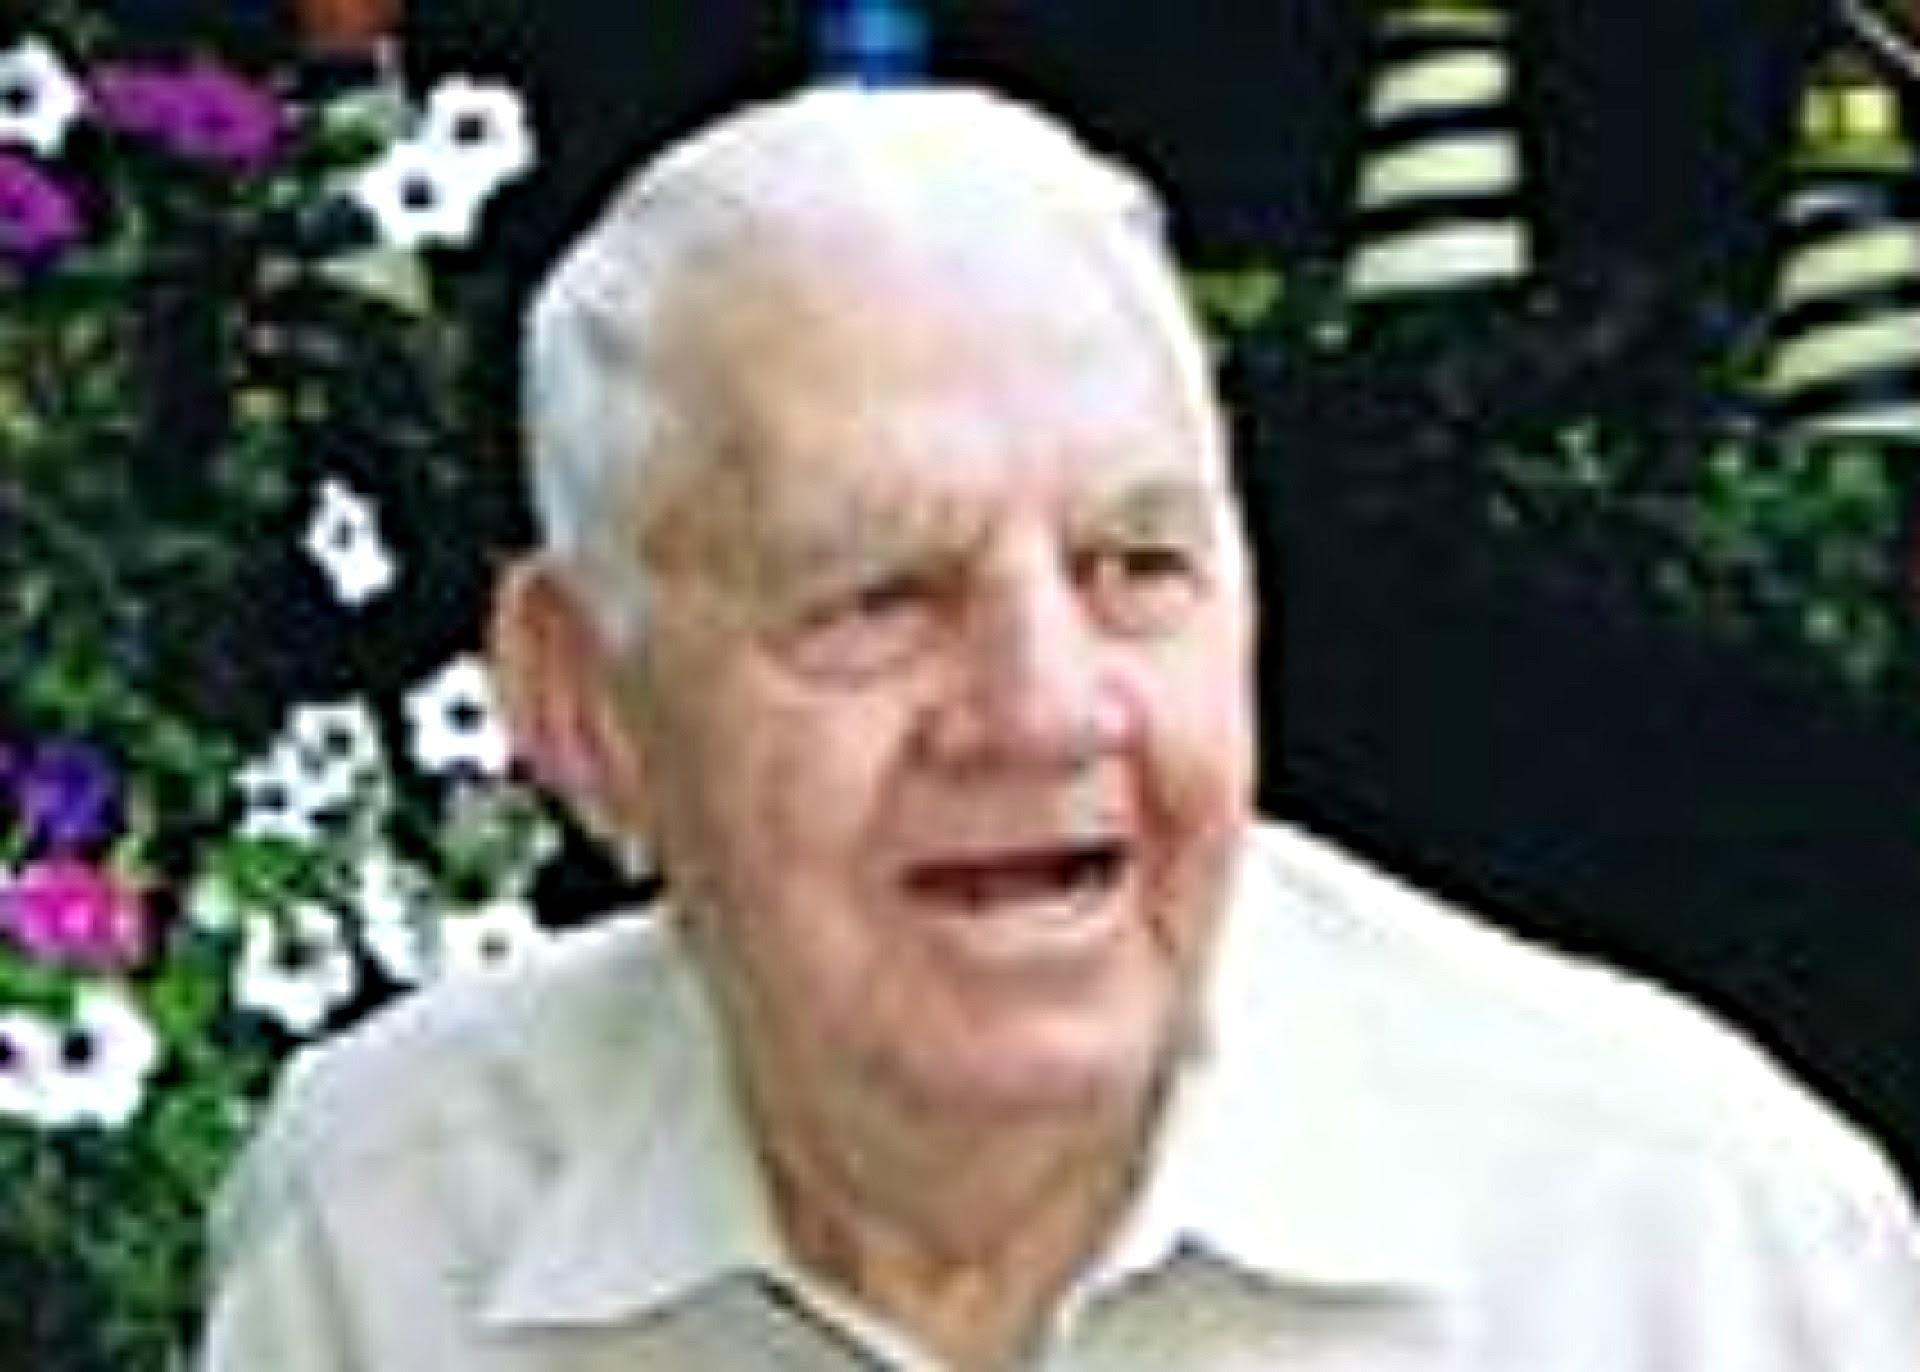 Justin C. Larsen